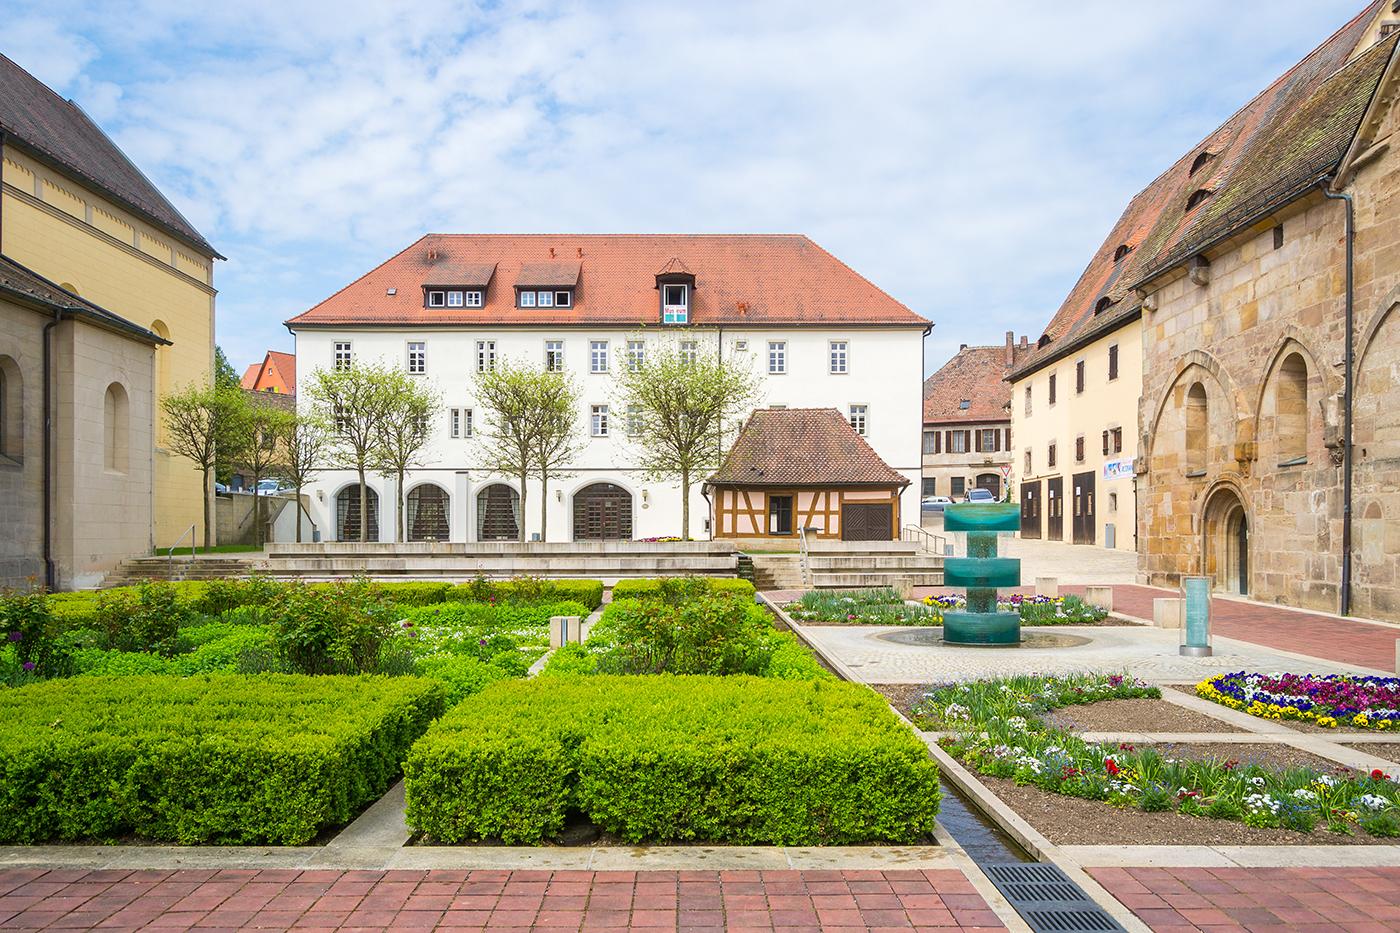 Kloster in Heilsbronn im Frankenland